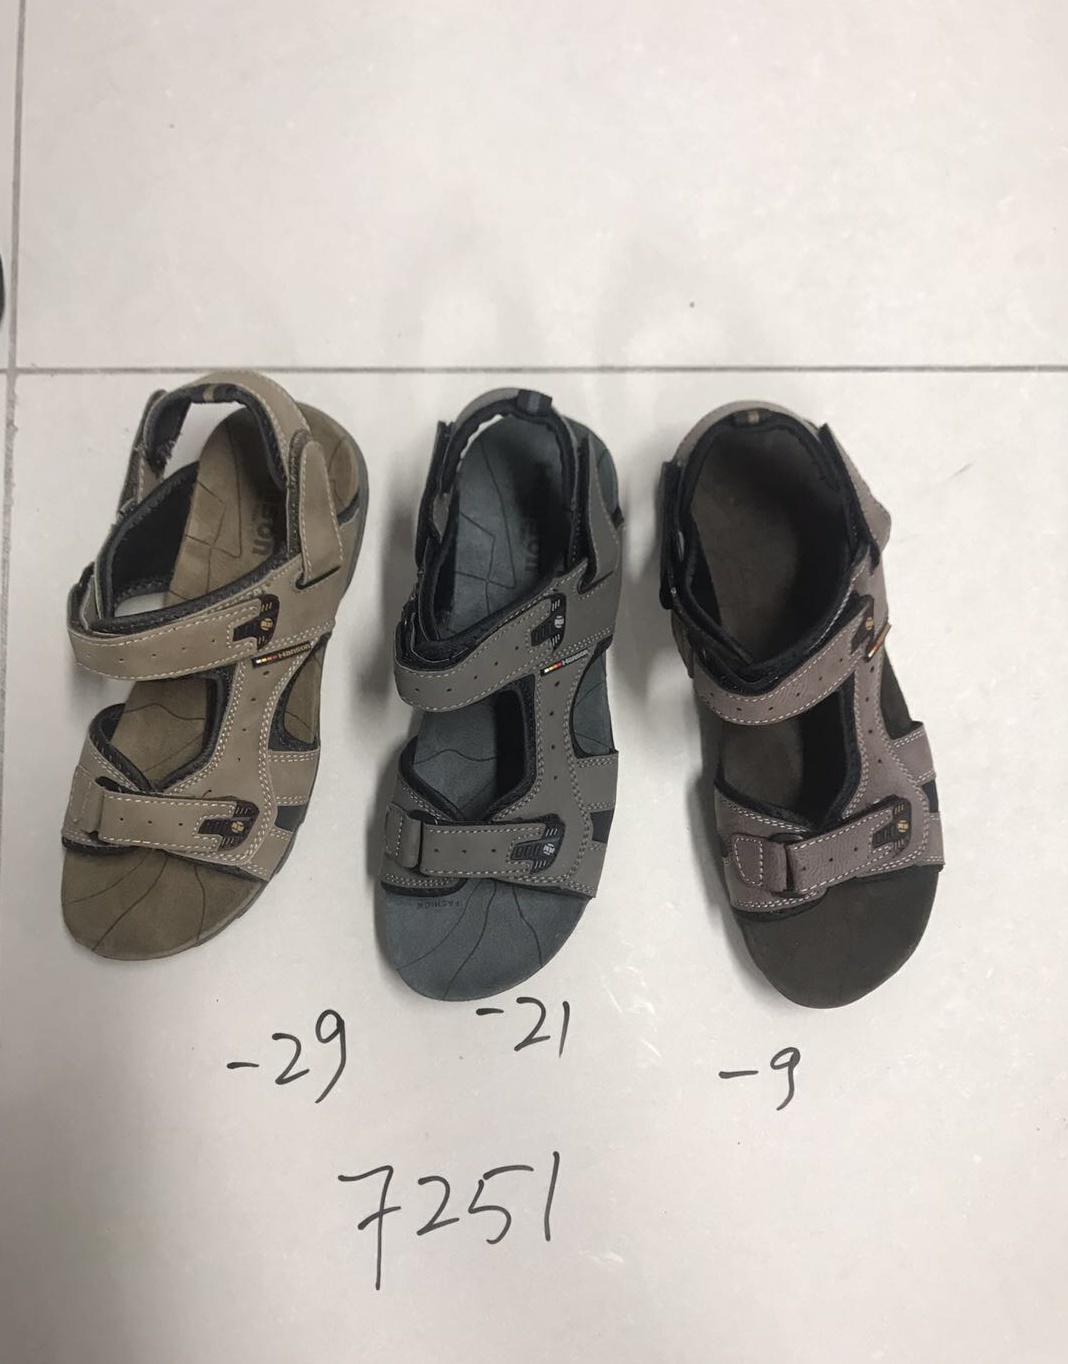 Pánské sportovní sandále HANSEN  (42-46)